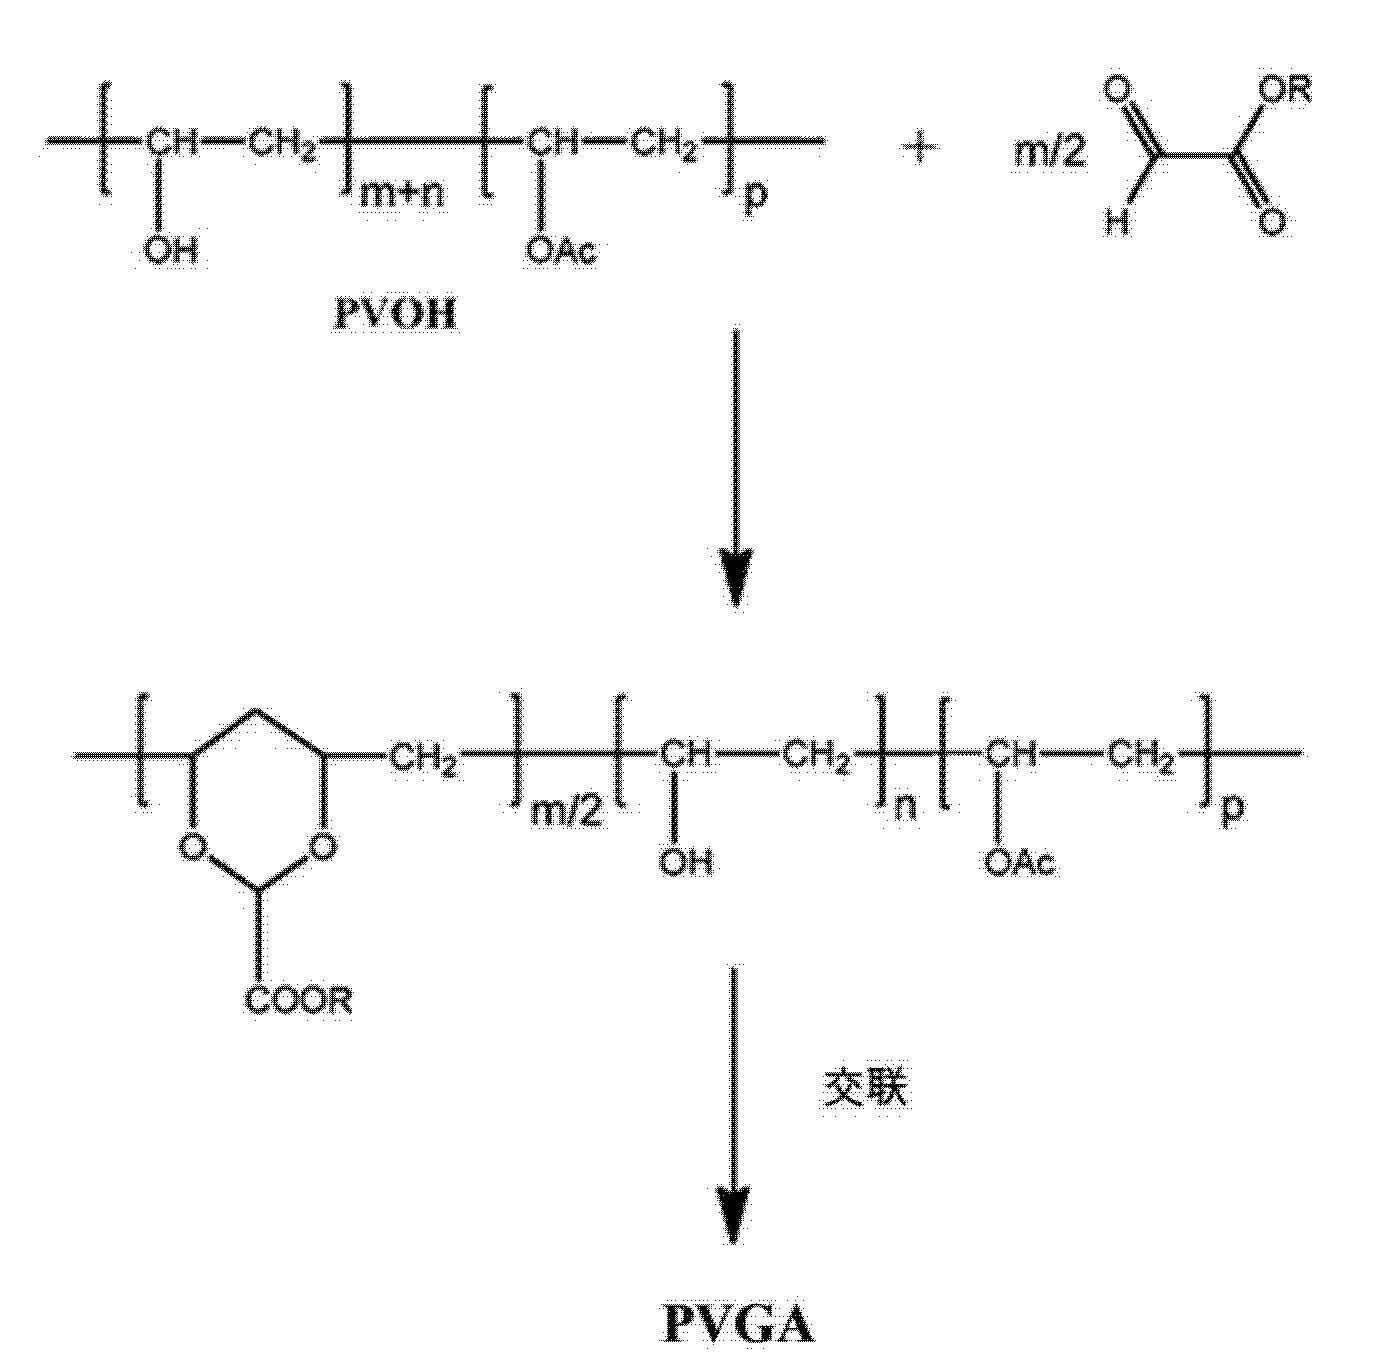 [0068]方案 III [0069] 参看方案III,将n摩尔的一种二醛连同m摩尔的一种乙醛酸衍生物一起添加到PVOH中,该二醛在醛基之间具有一个可变的R1部分,其中R与方案I中相同。R1在该反应的范围内并不被特别限制,并且在不同的实施方式中,是一个共价键或一个直链、支链或环状的烷基或链烯基,或一个芳基或烷芳基,它任选地含有一个或多个杂原子。在本发明的一个或多个交联反应中有用的适当二醛的非限制性实例包括例如乙二醛(ethanedial,glyoxal)> 戍二 醒(glutaraldehyde,